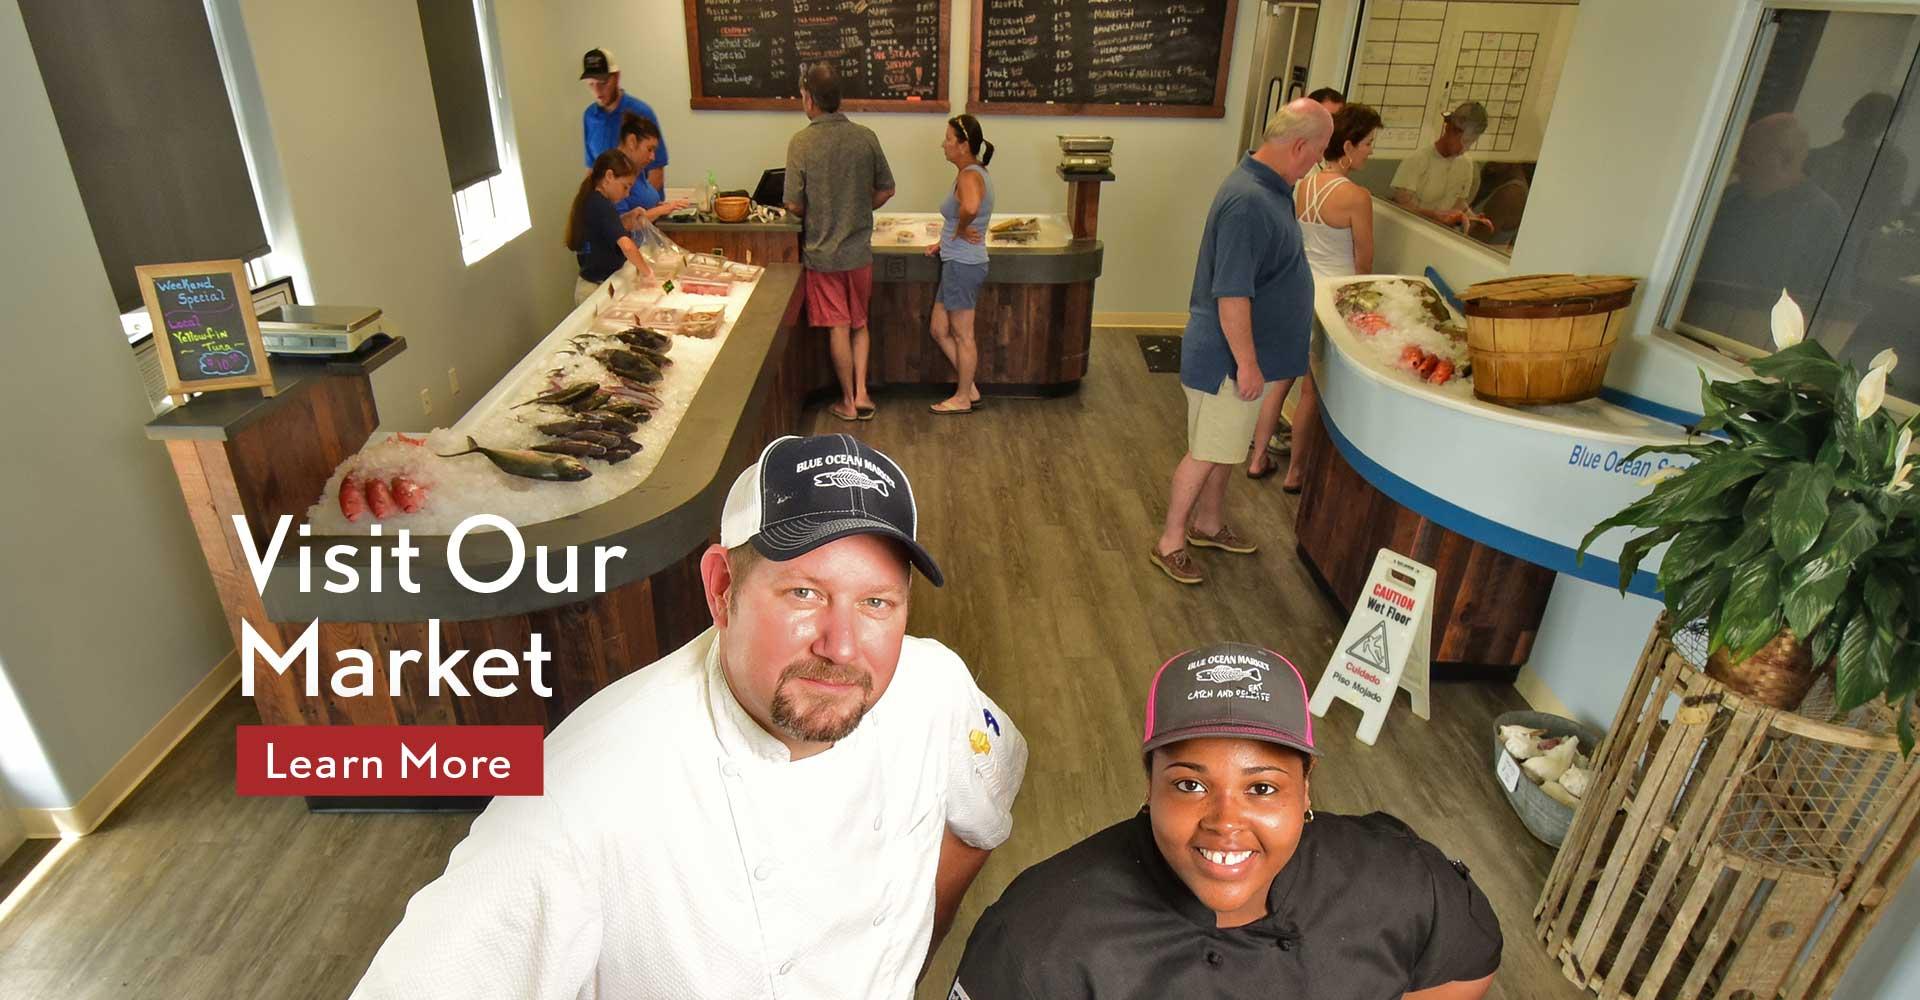 Visit our market